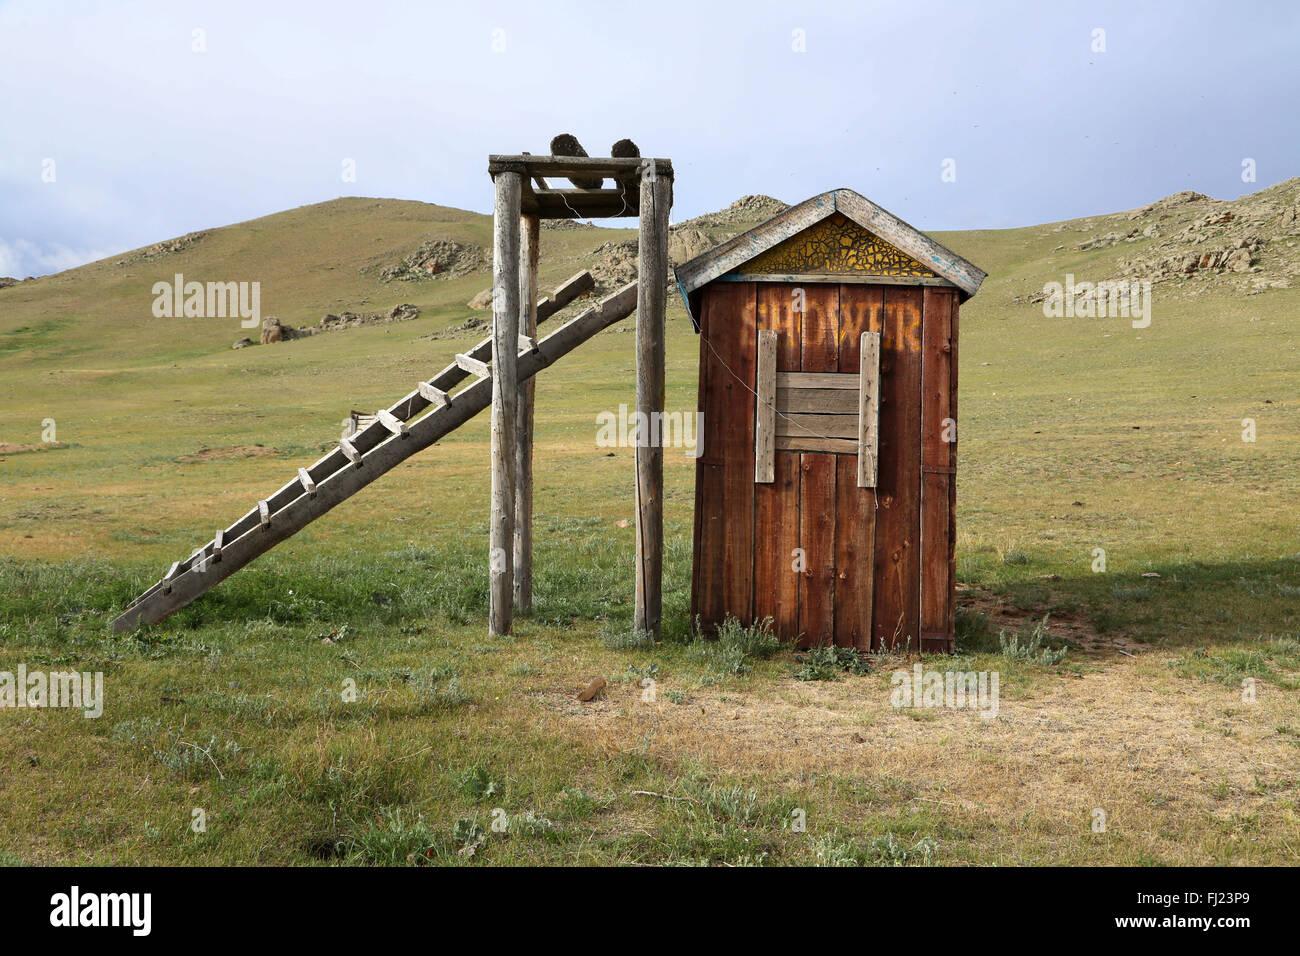 Douche nomades en Mongolie dans une petite maison en bois, au milieu de nulle part - si charmant! Photo Stock